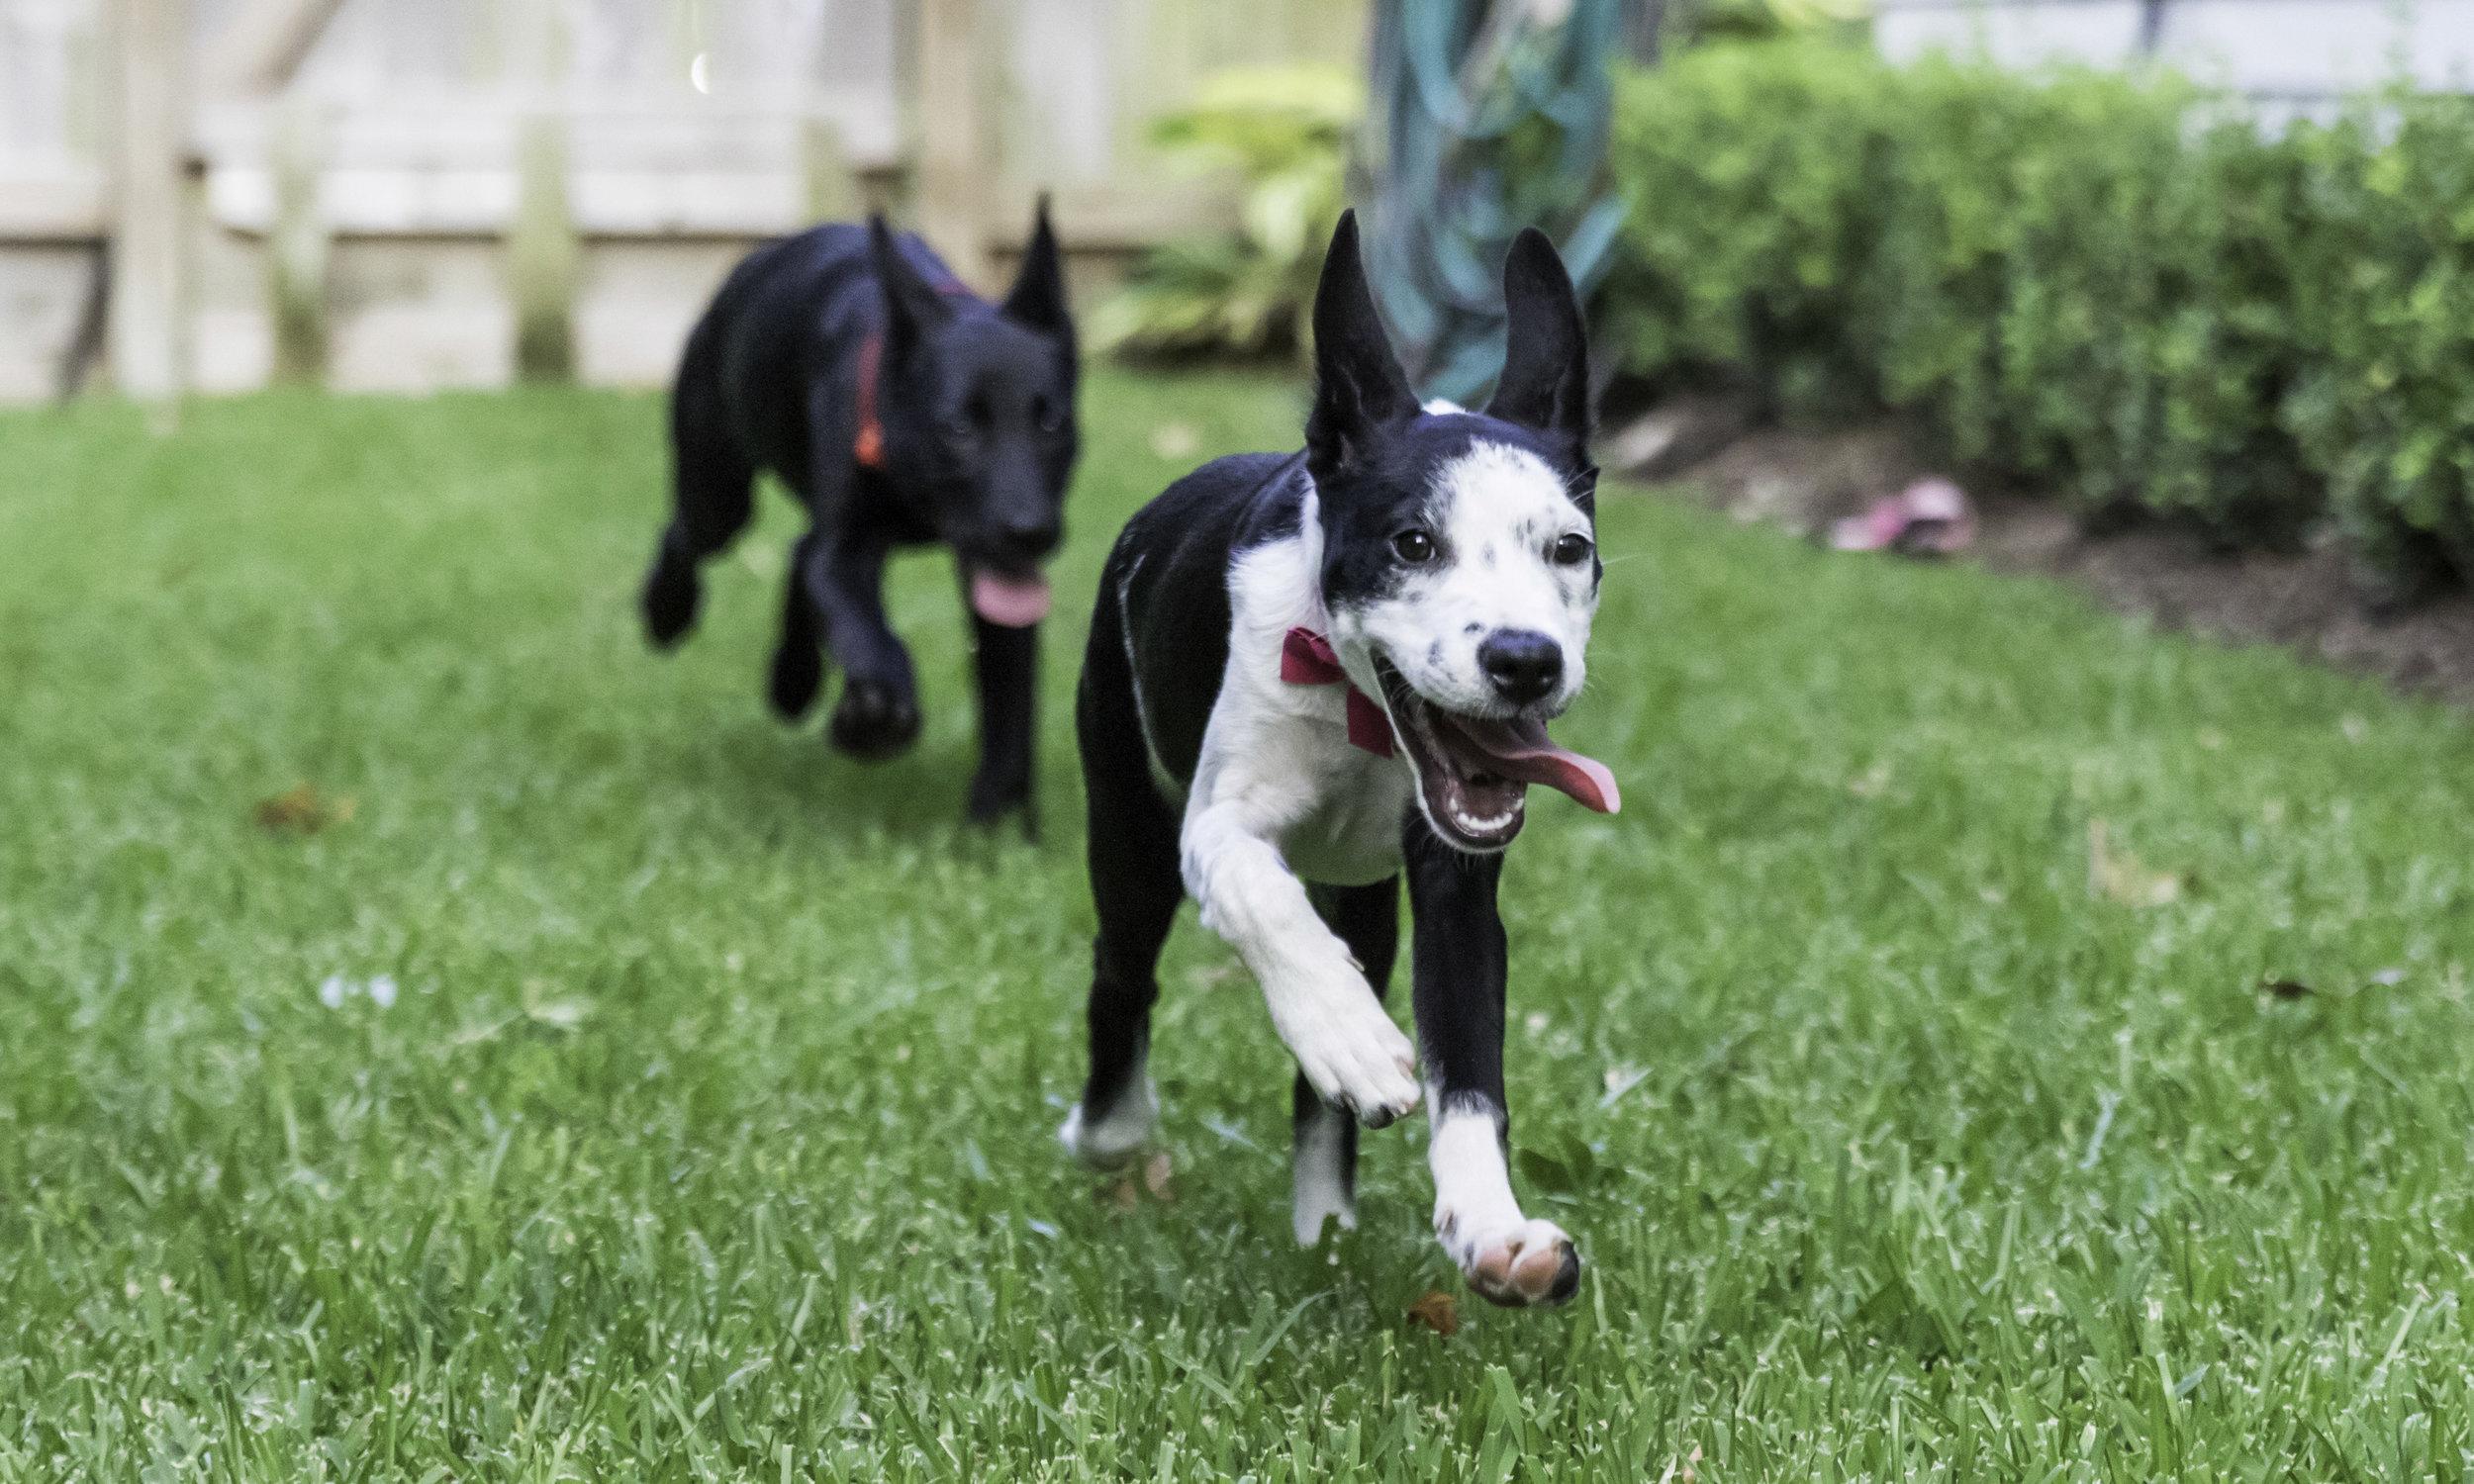 Stephanie Bennett Dog Puppy Training | Behavior Modification Potty Training | Houston TX_FC_8459 resized (1).jpg